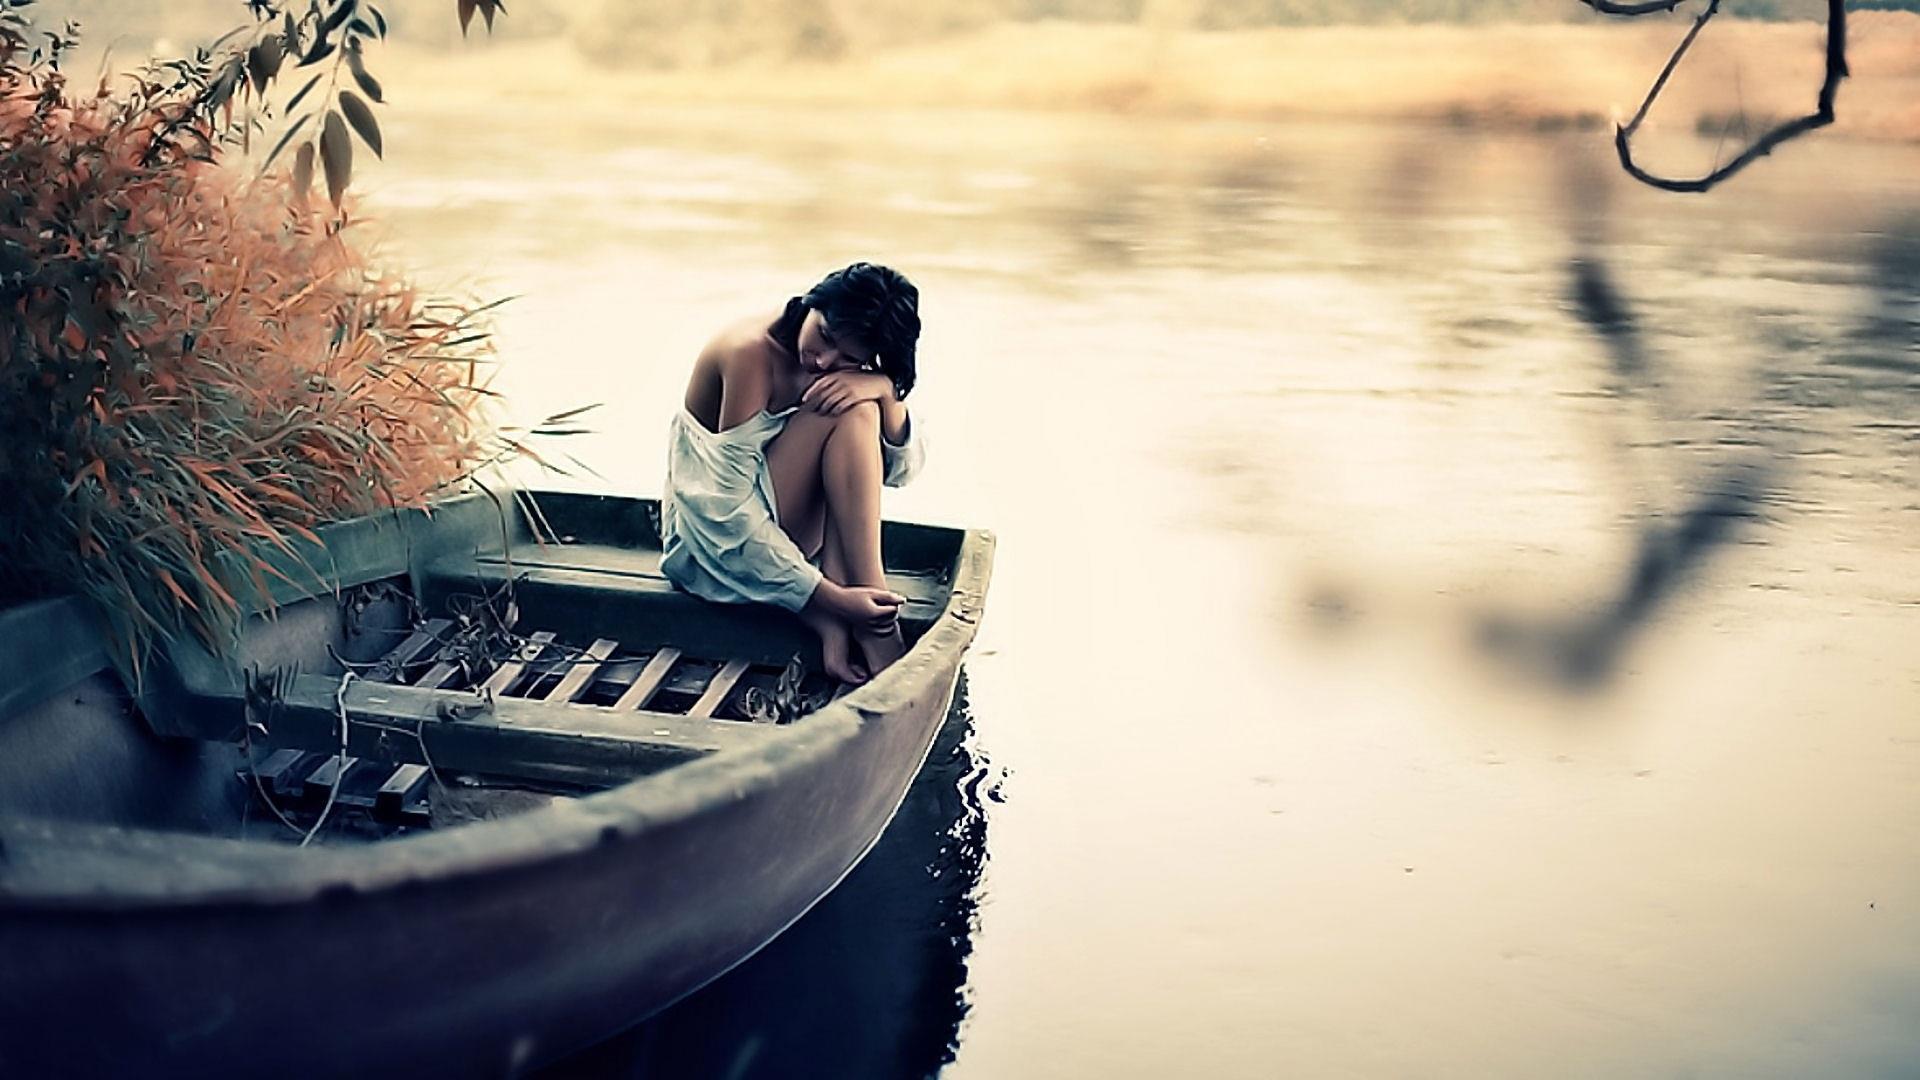 Hình nền ngồi trên thuyền cô đơn một mình